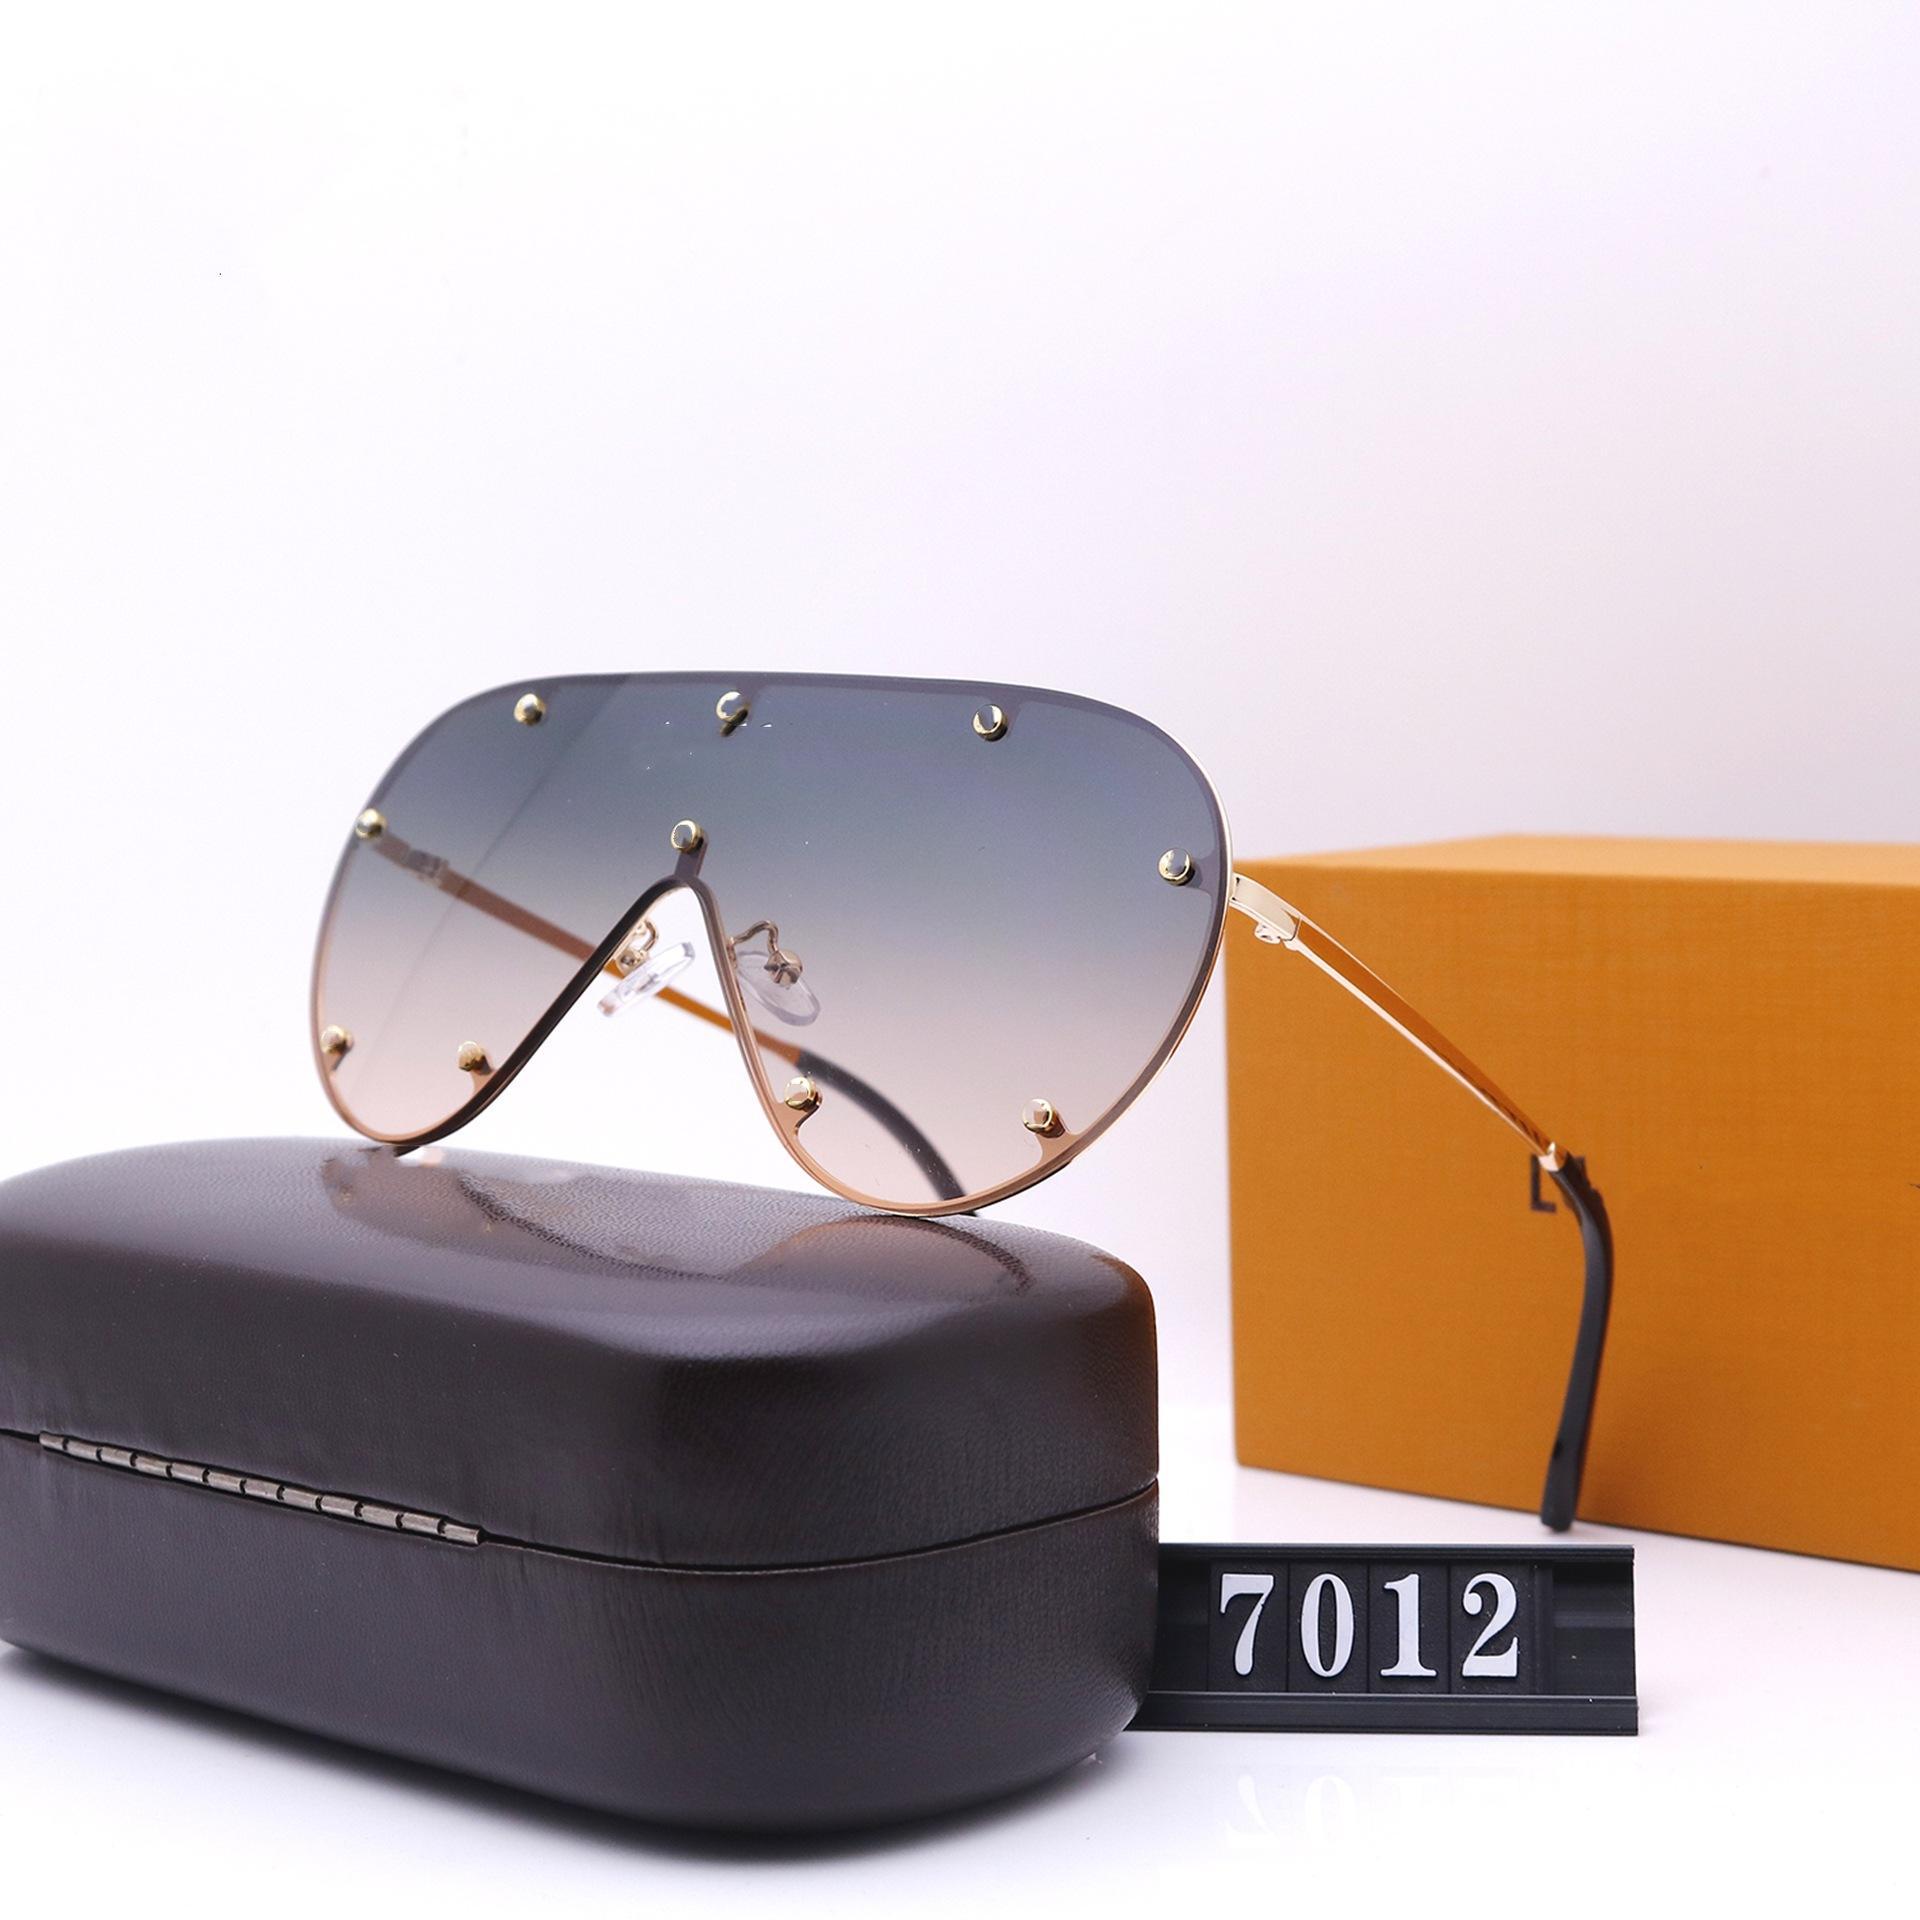 سبعة ألوان 2021 النظارات الشمسية للأزياء للرجال والنساء المصممين الفضي جودة عالية القيادة النظارات الاستقطاب 7012